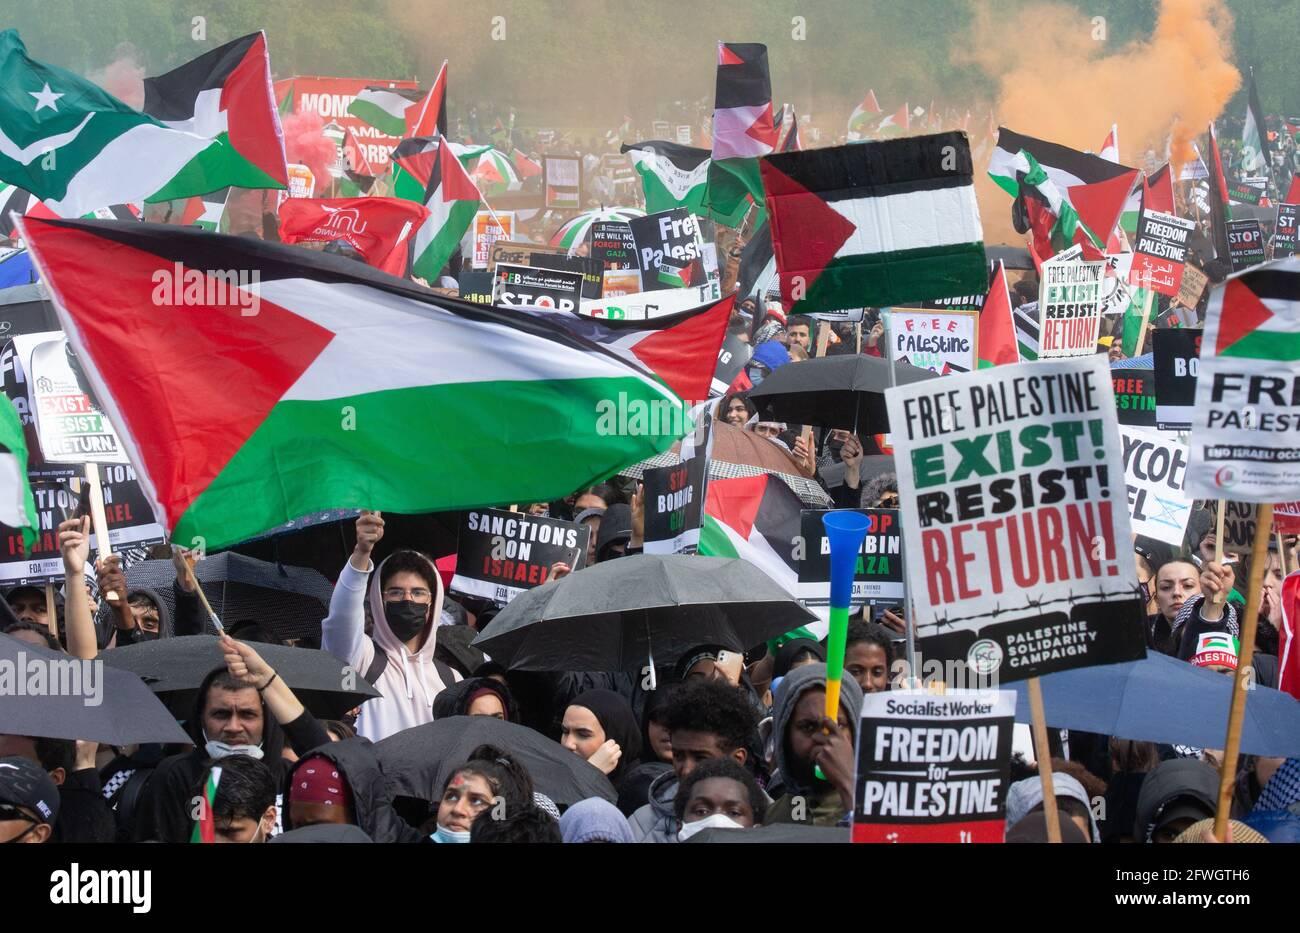 London, Großbritannien. Mai 2021. Ein pro-palästinensischer marsch macht sich mit Reden vom Embankment zu einer Kundgebung im Hyde Park auf. Die Menschen sind wütend auf die Bombardierungen durch Israel und fordern die britische Regierung auf, Maßnahmen zu ergreifen. Sie sind der Meinung, dass die Angriffe Israels unverhältnismäßig waren, wobei die meisten der 250 Toten Palästinenser waren. Obwohl es jetzt einen Waffenstillstand gibt, wollen sie Maßnahmen der britischen und amerikanischen Regierungen. Kredit: Mark Thomas/Alamy Live Nachrichten Stockfoto